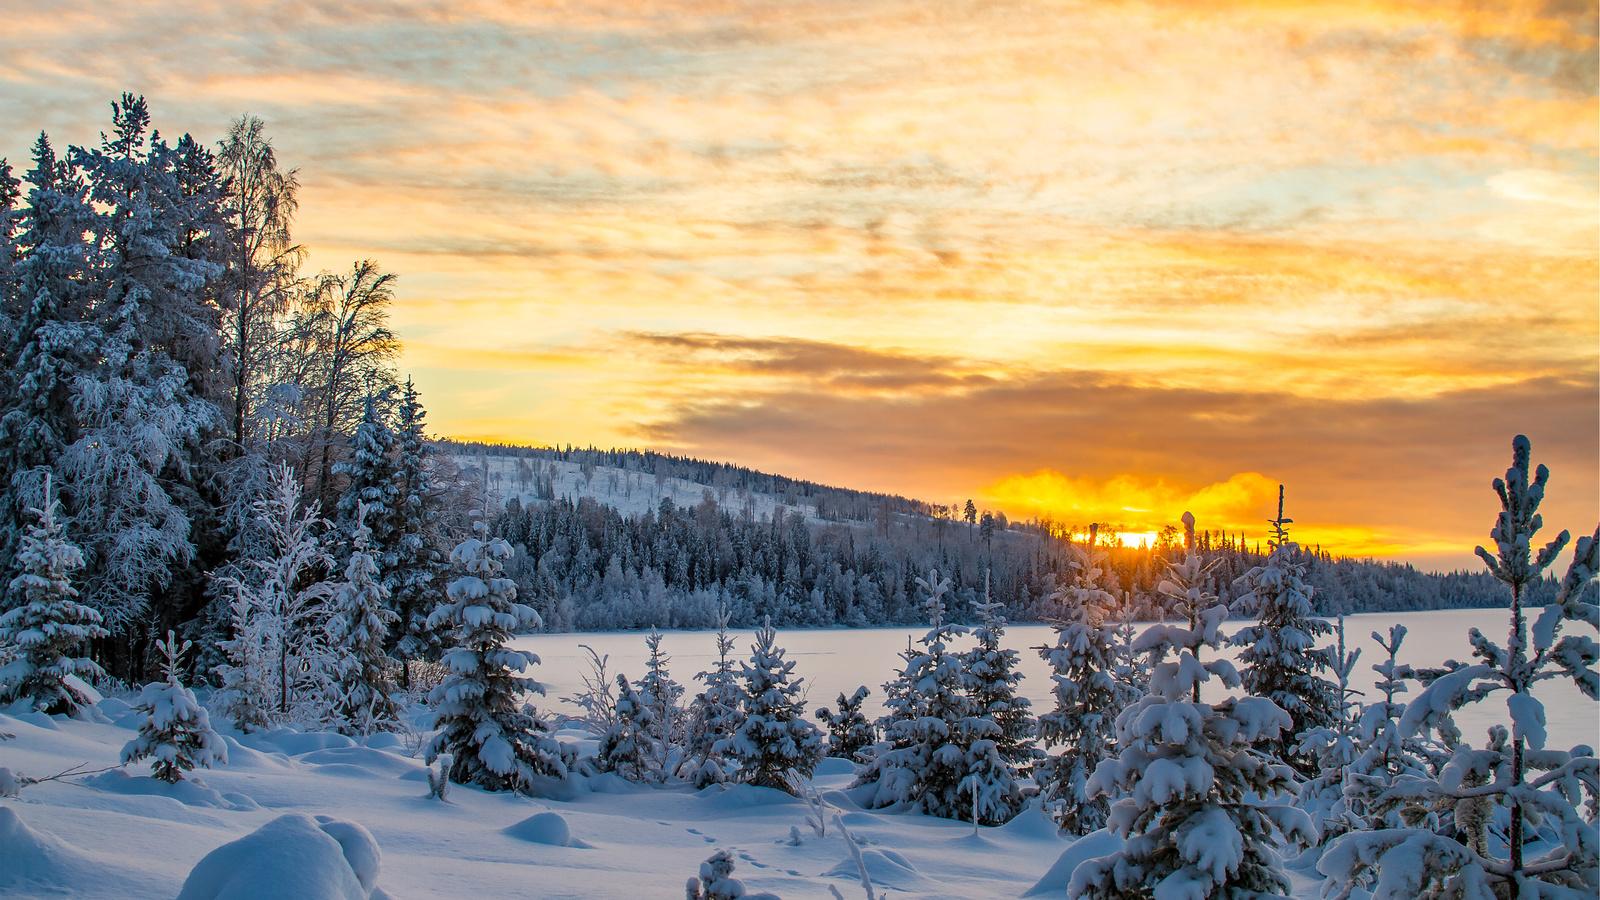 закат, снег, гора, холм, деревья, природа, пейзаж